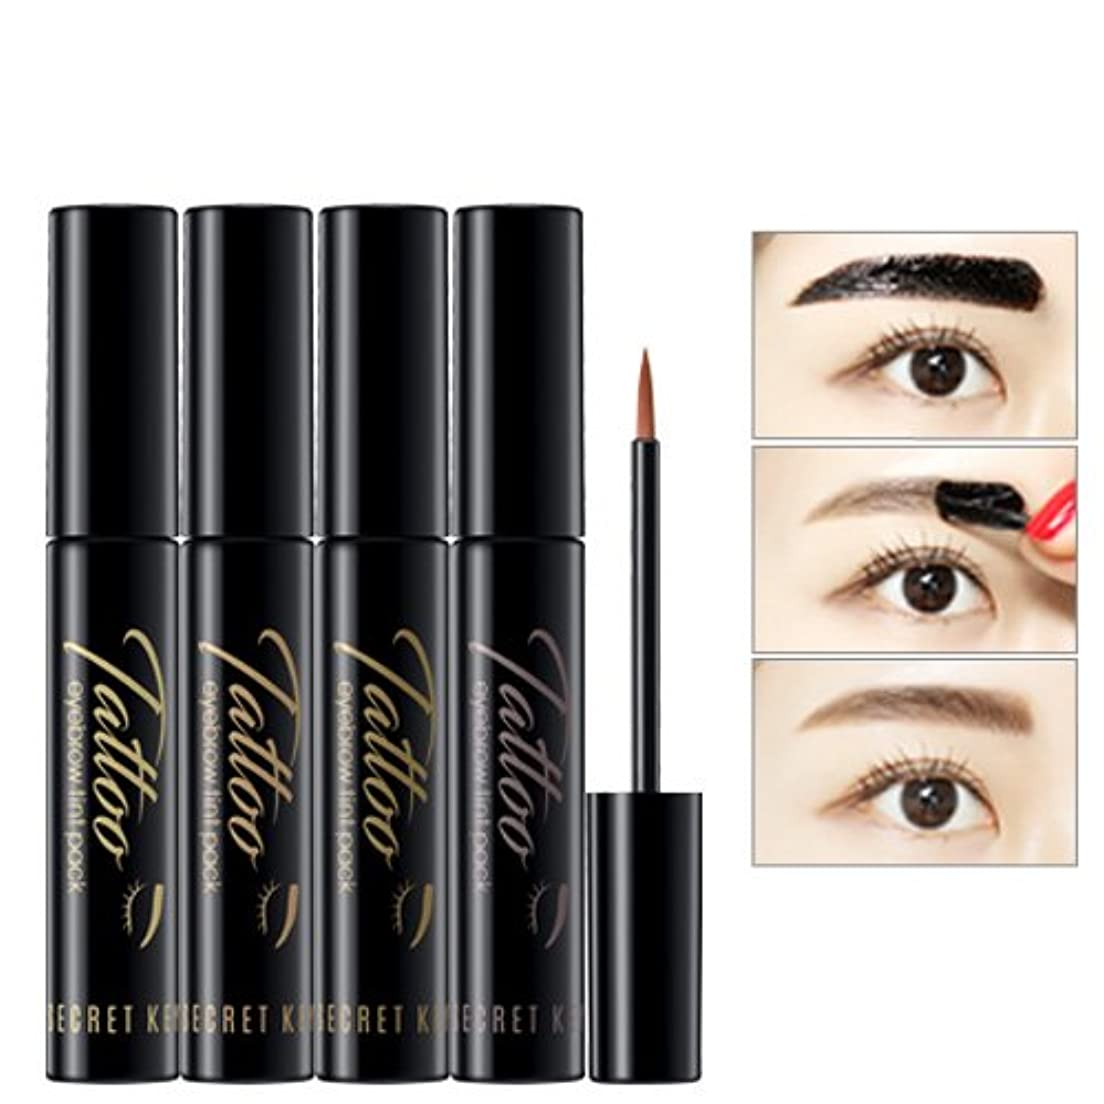 [シークレットキー]Secretkey タトゥーアイブロウティントパック 海外直送品(Tattoo Eye Brow Tint Pack) (#03.チョコフラペチーノ) [並行輸入品]